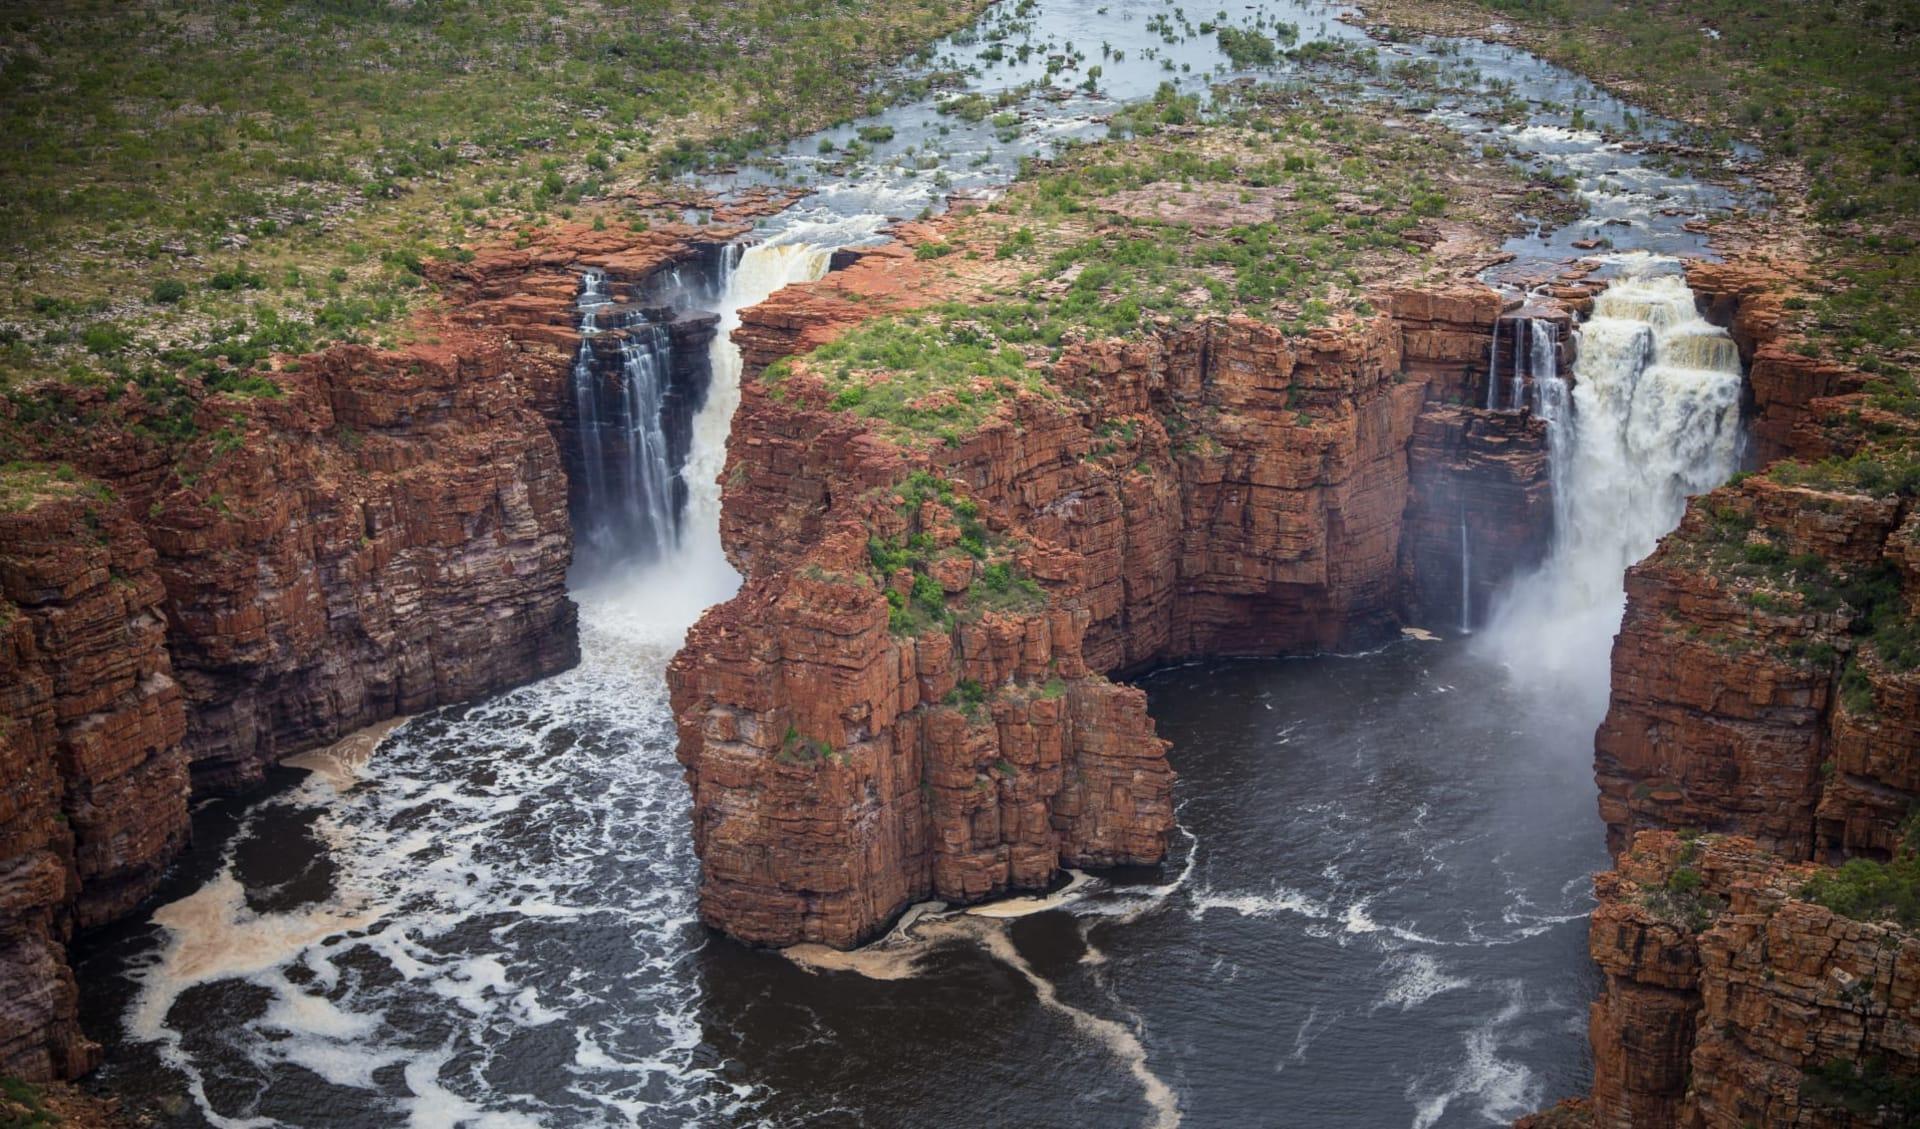 Kimberley Quest ab Broome: Kimberley Plateau mit einem Donner direkt in die Ozeanschlucht